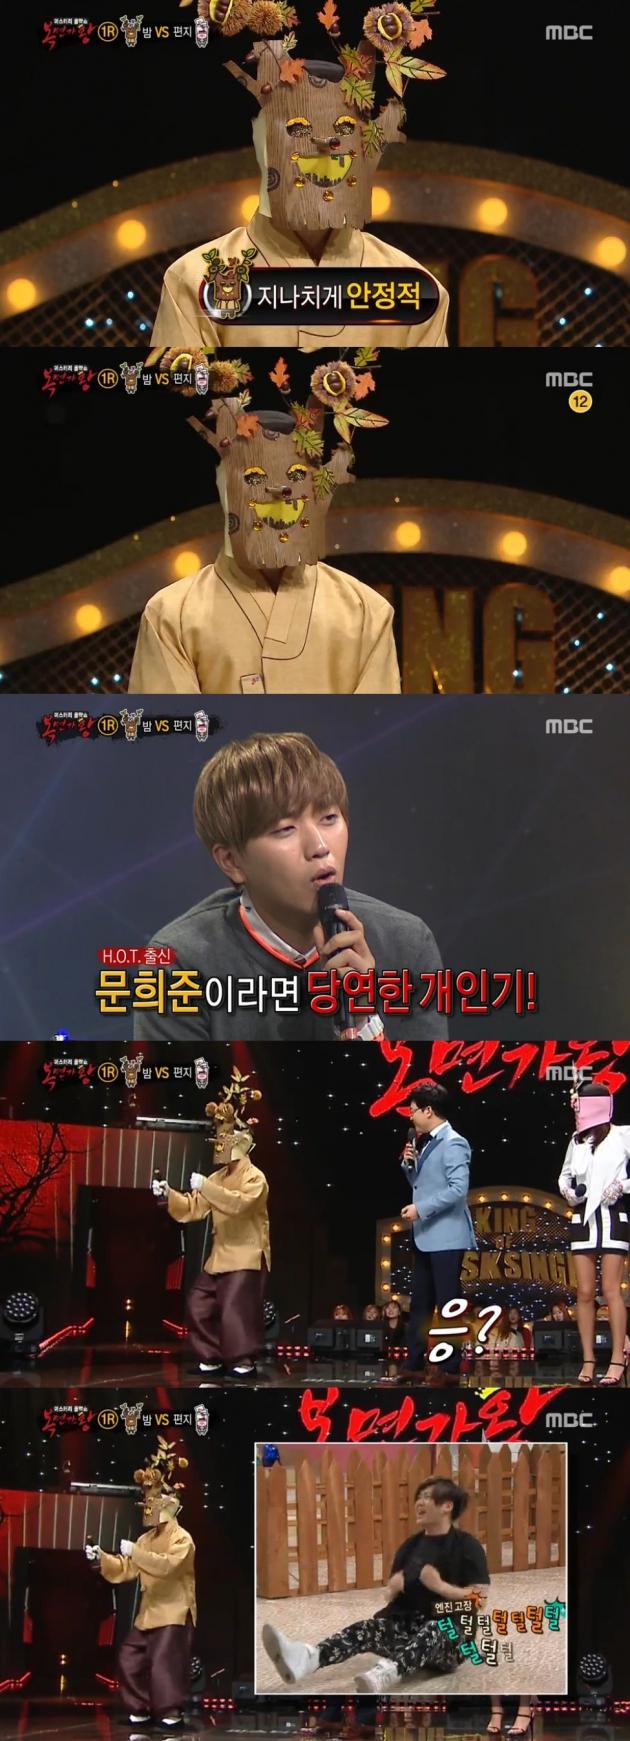 '복면가왕' 밤 / '복면가왕' 밤 사진=MBC 방송 캡처